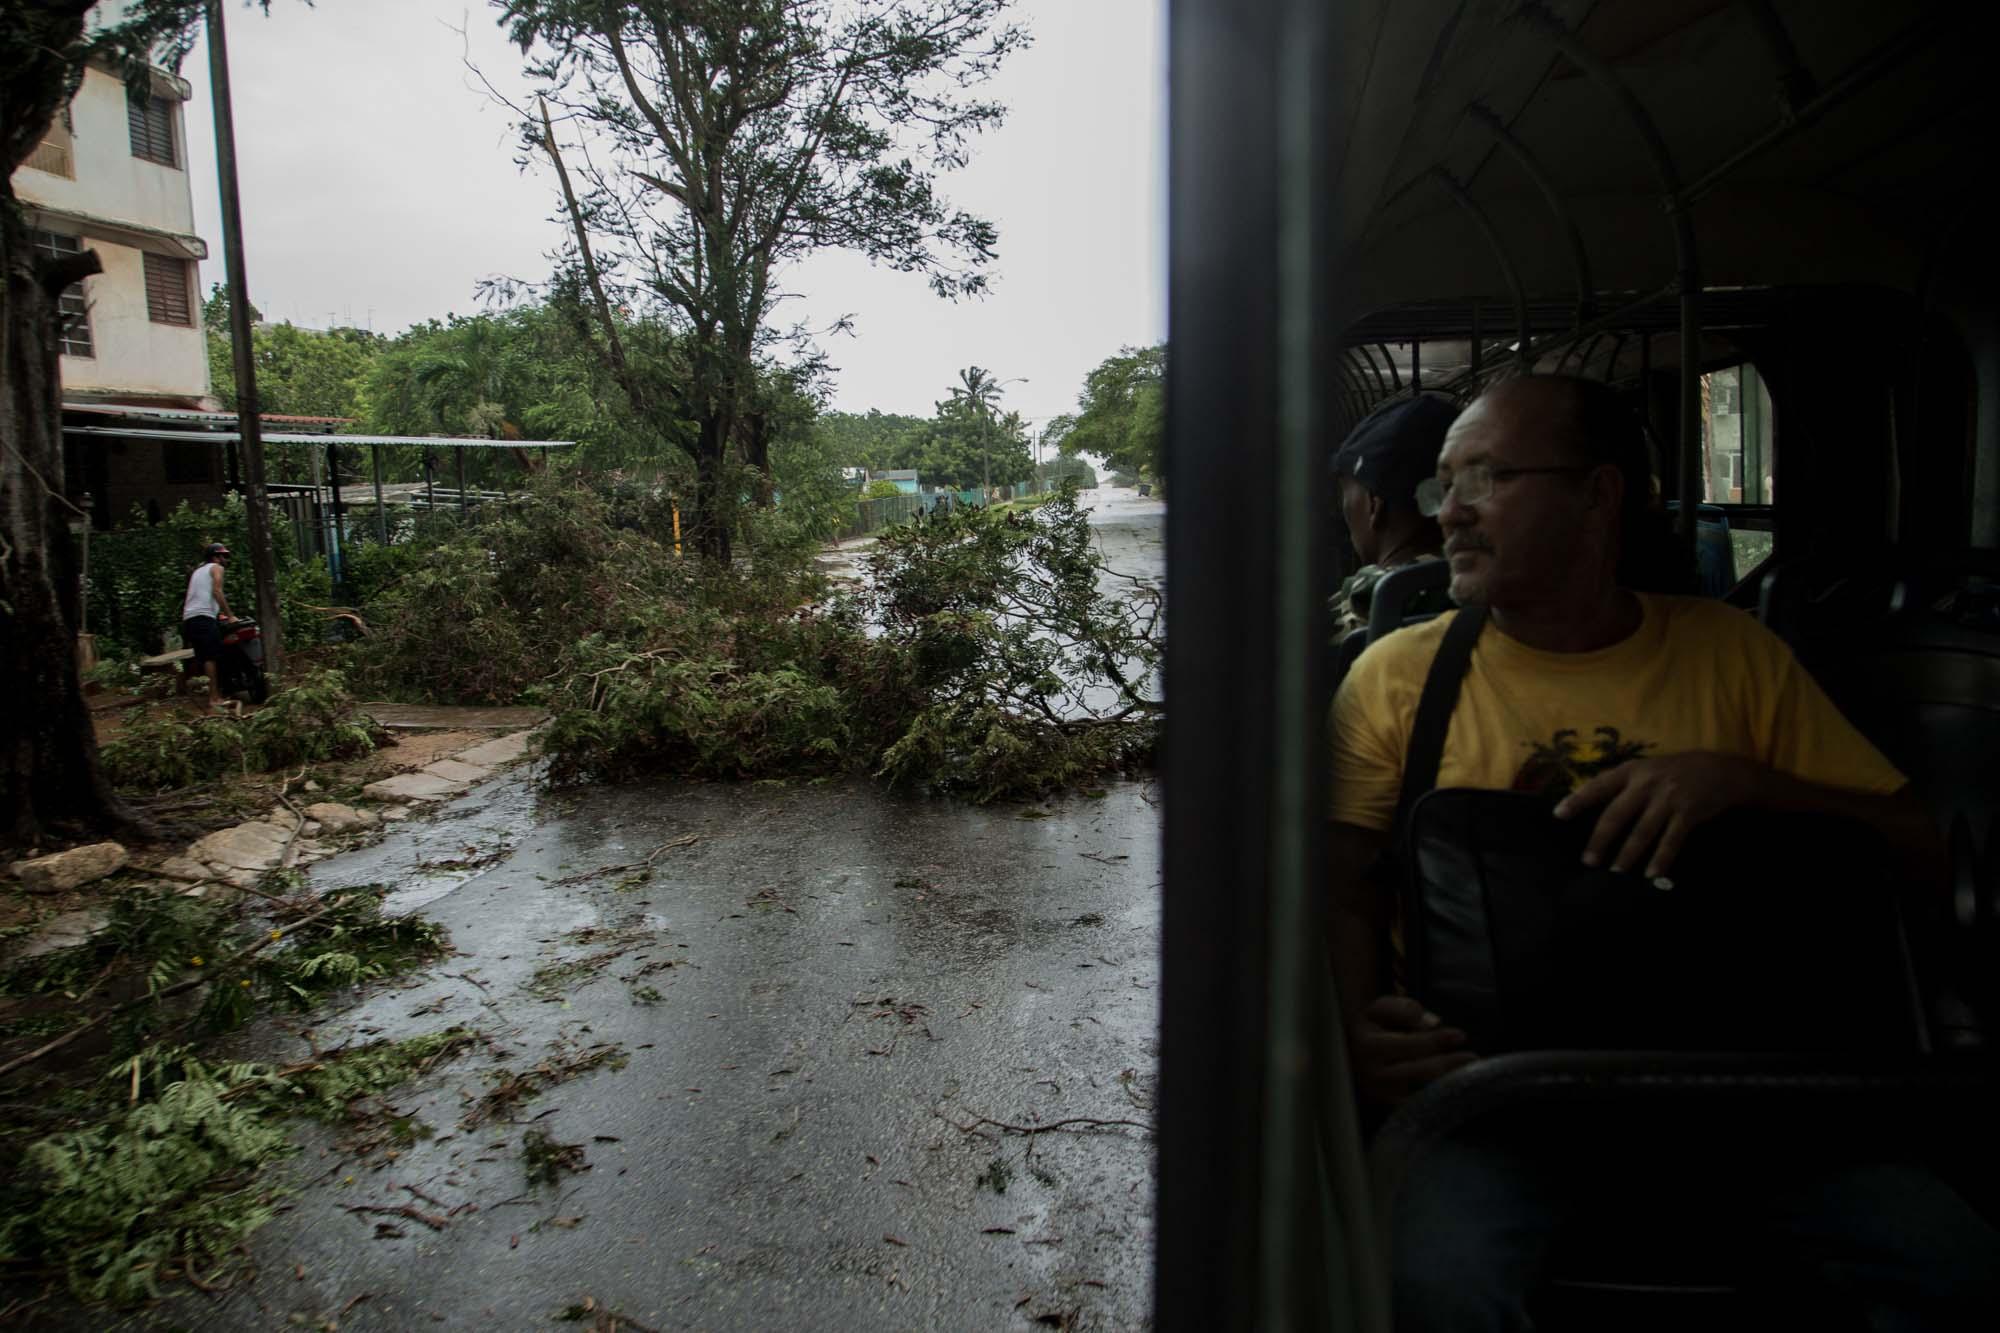 A las cinco de la tarde del sábado 9 de septiembre, en Alamar el transporte público todavía funcionaba (Foto: Jorge Ricardo)